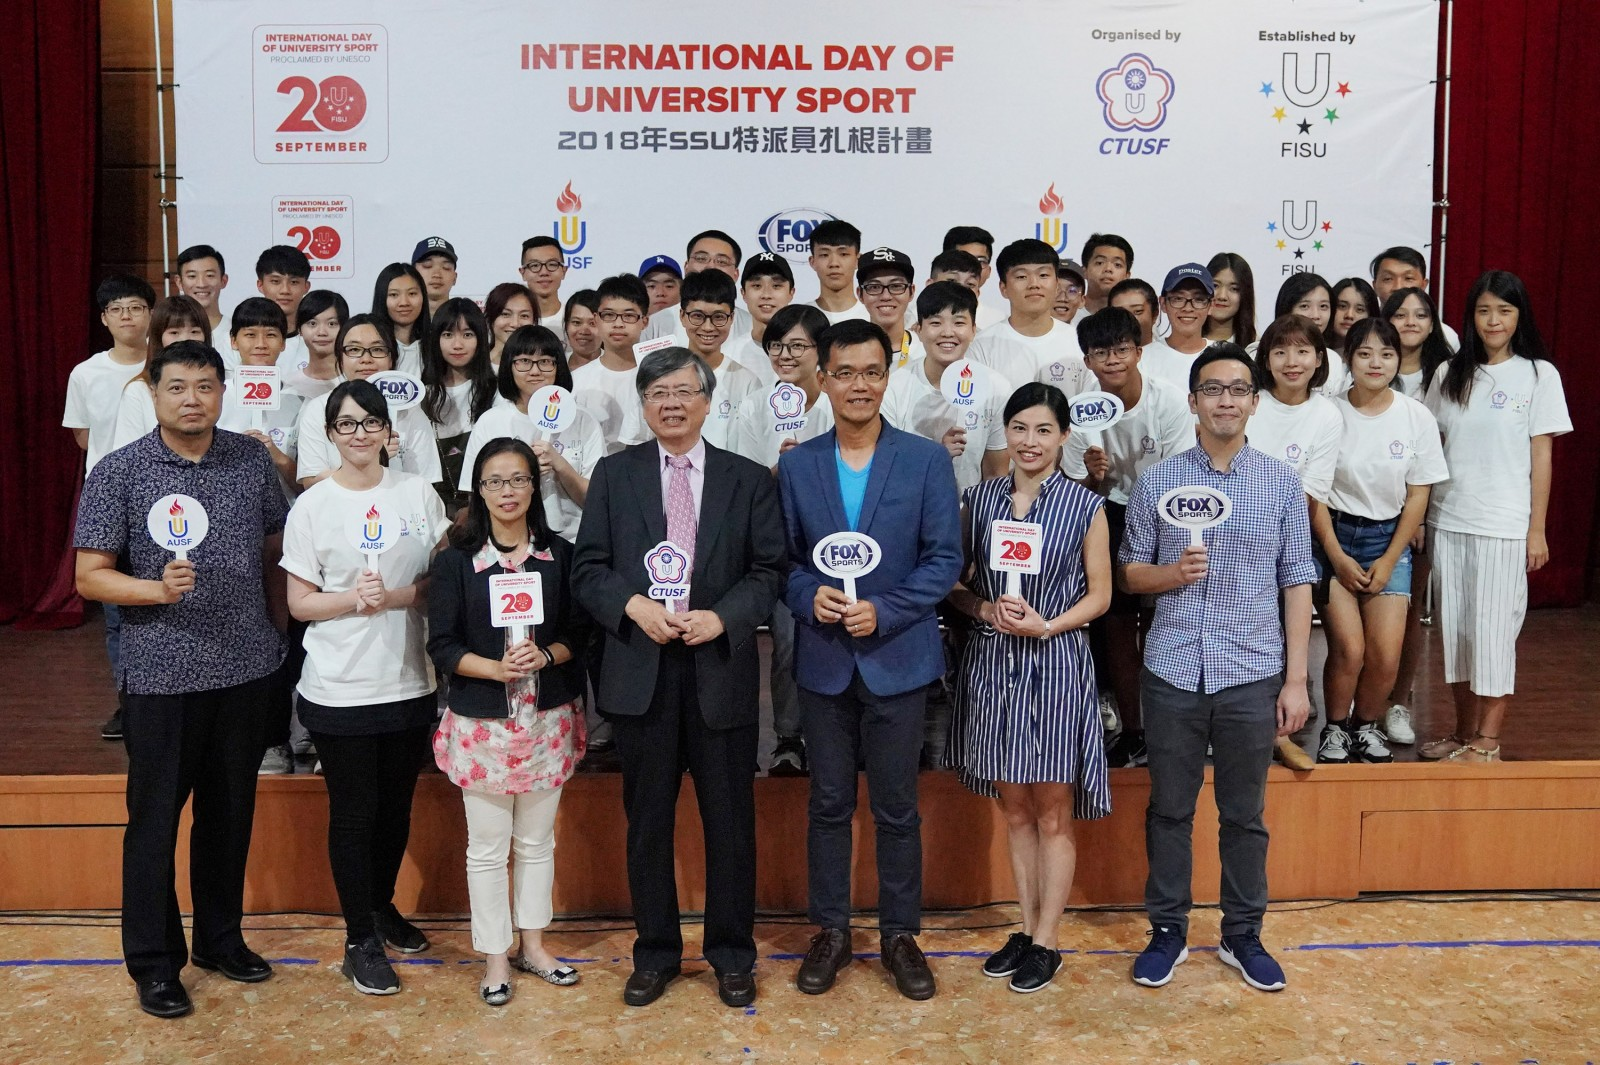 920世界大學體育日 SSU扎根計畫發芽